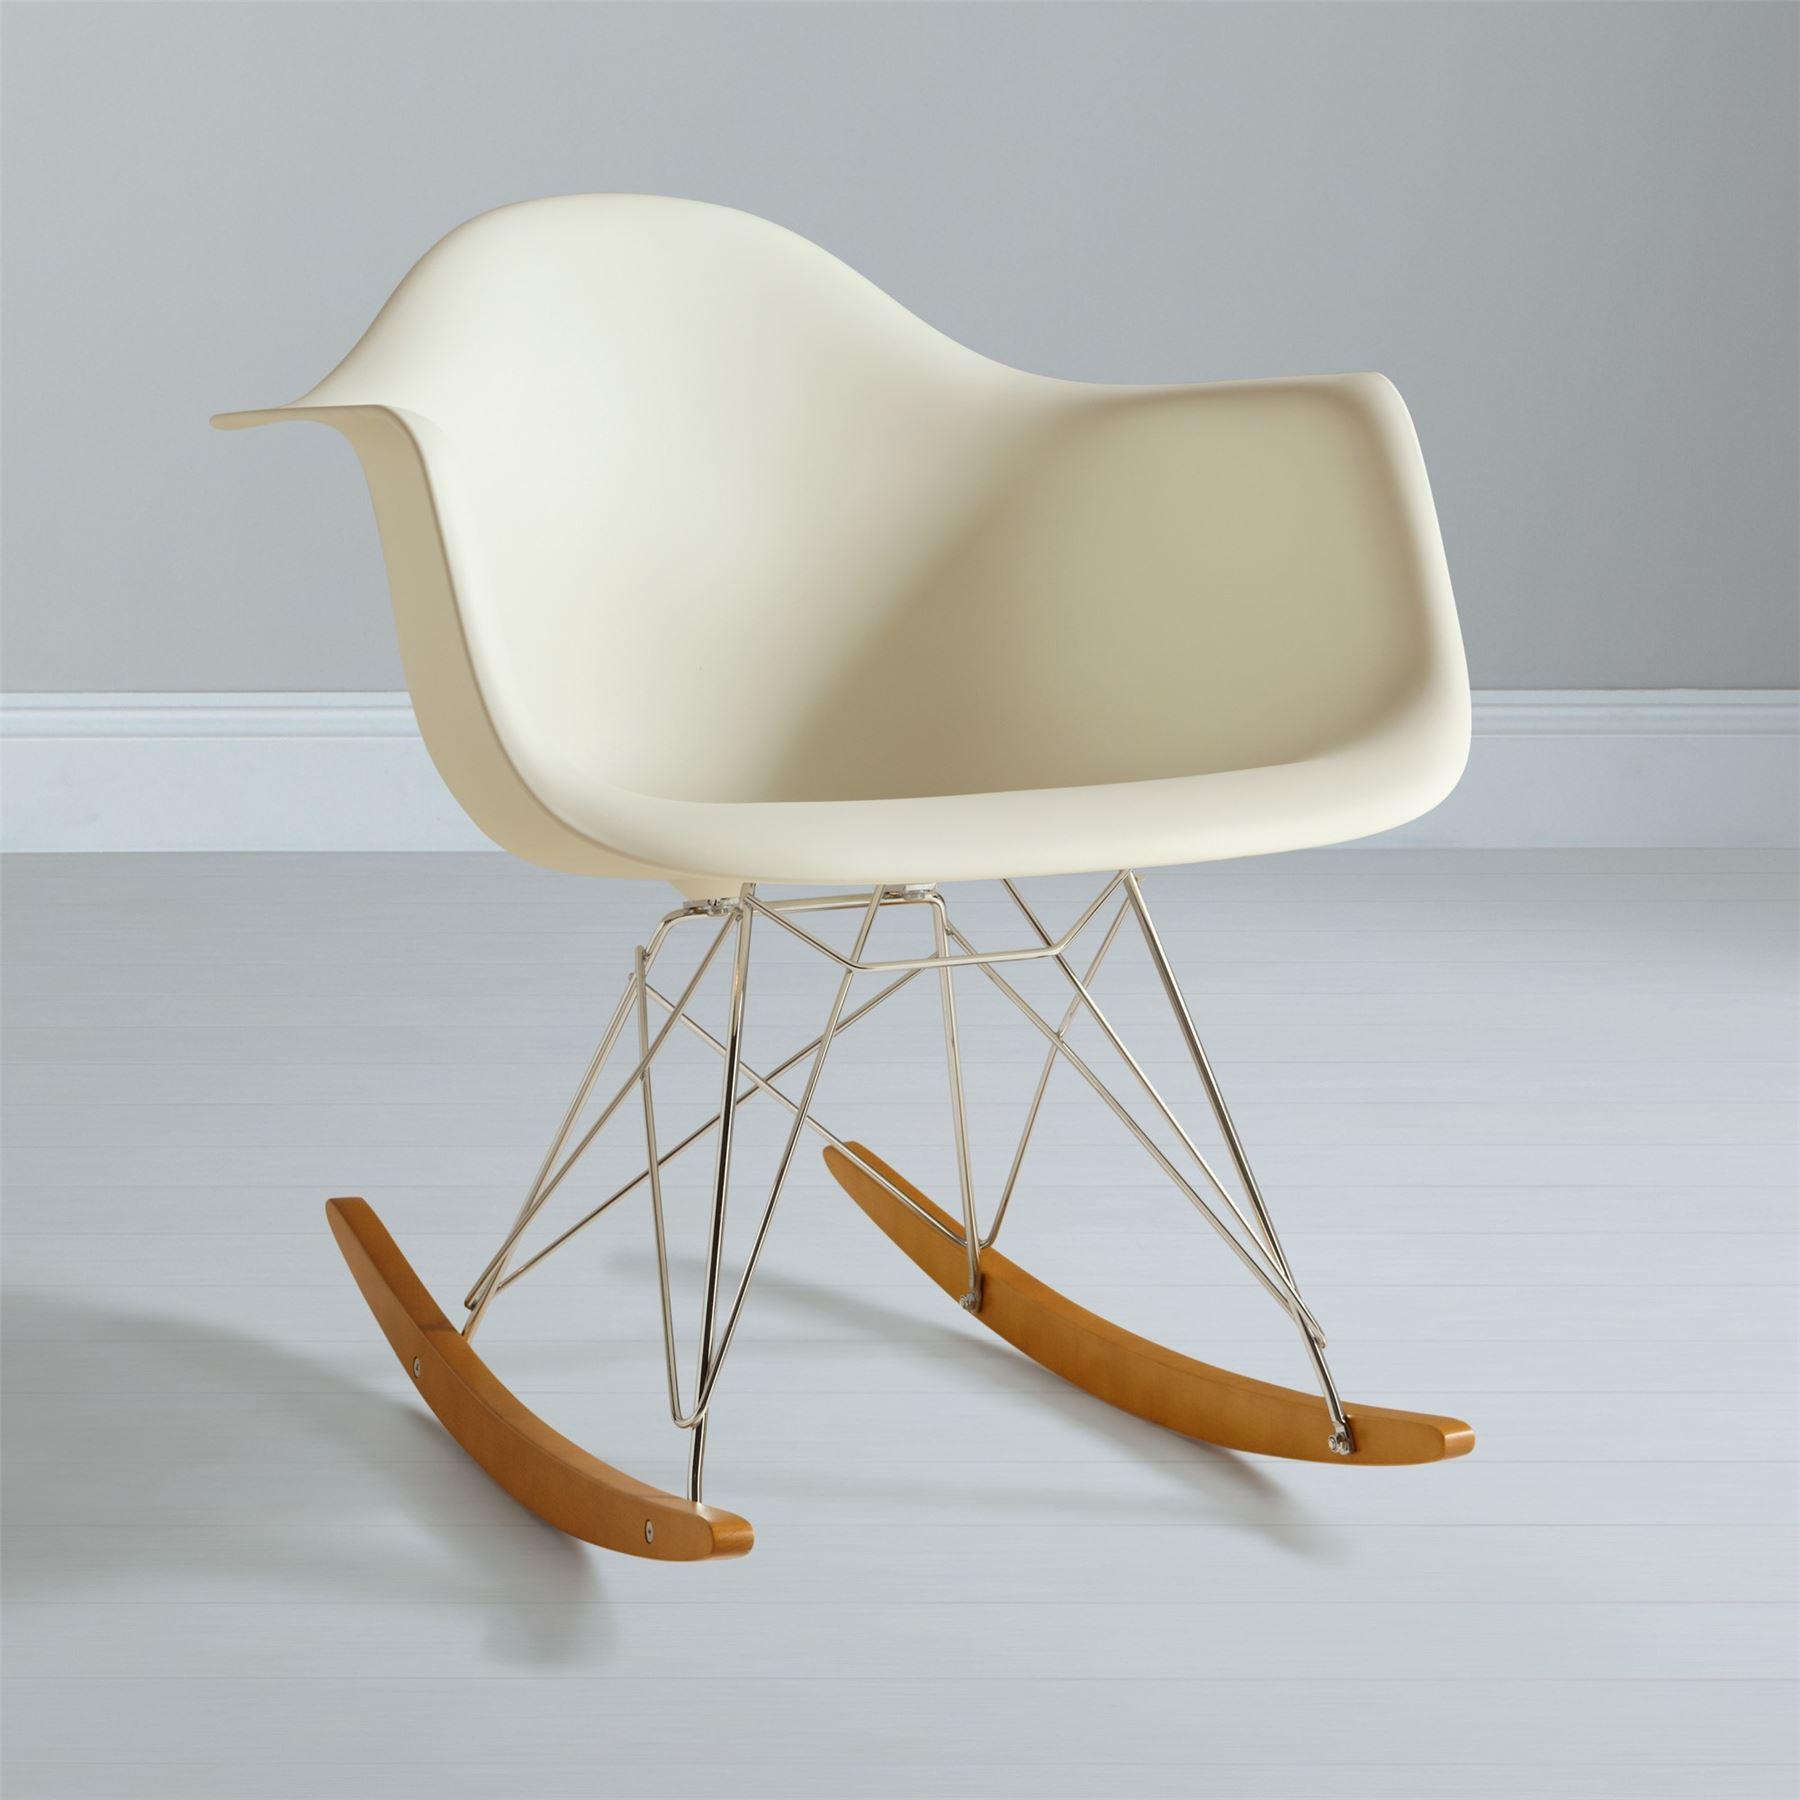 Eames Rocking Chair RAR Rocker Armchair Retro Modern